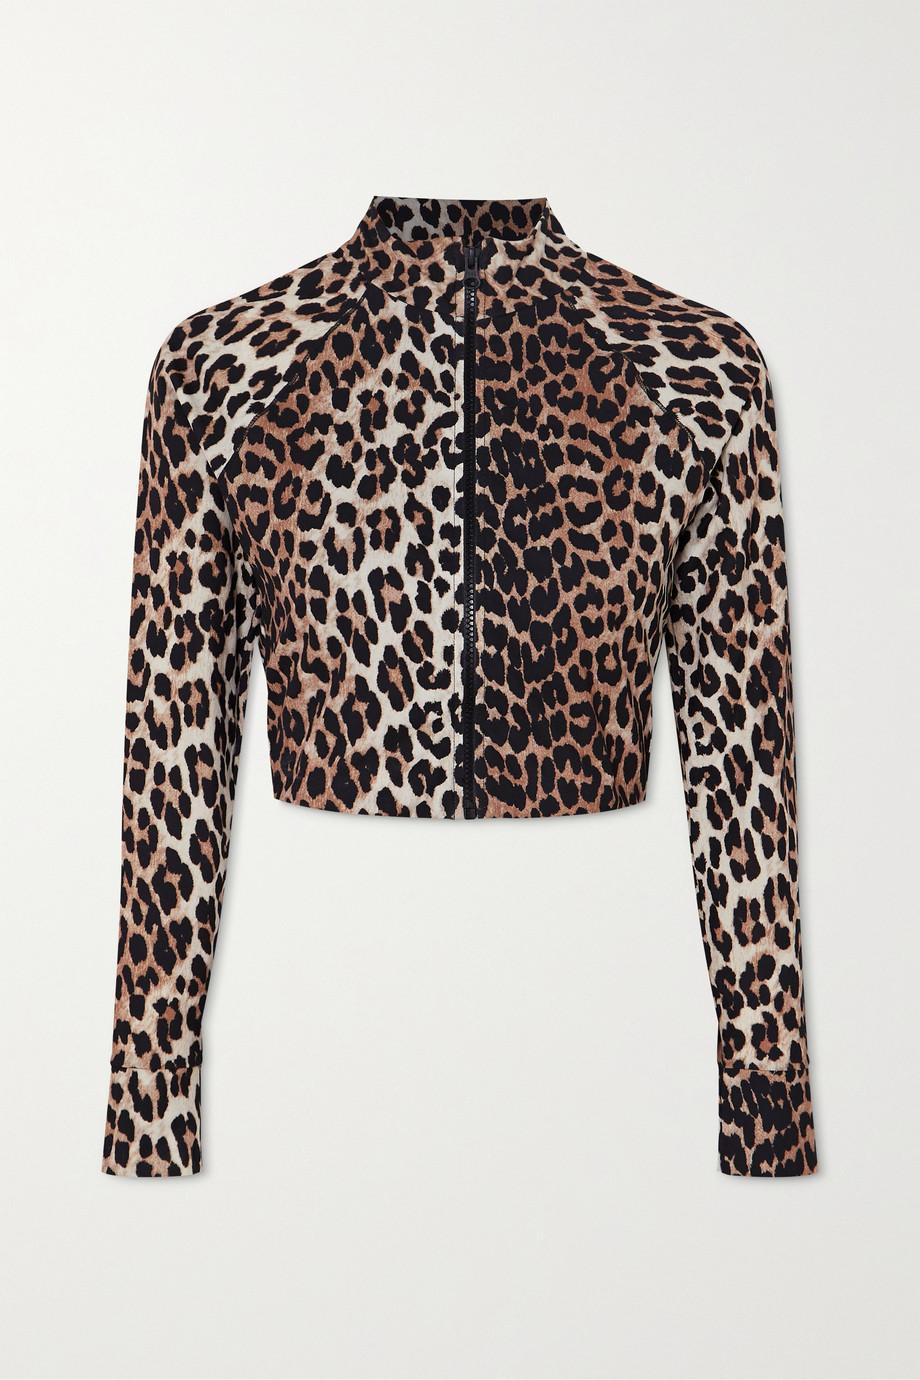 GANNI + NET SUSTAIN Bikini-Oberteil mit Leopardenprint